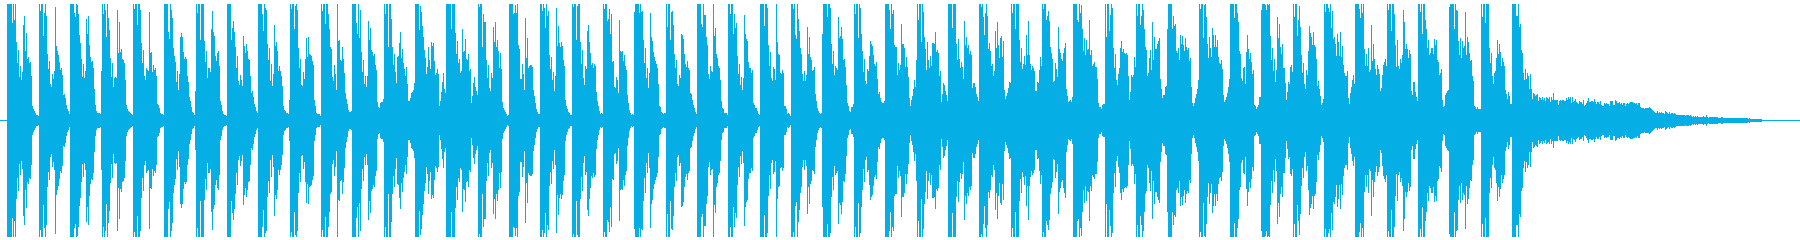 ロボティックな不安を抱かせる30秒の曲の再生済みの波形